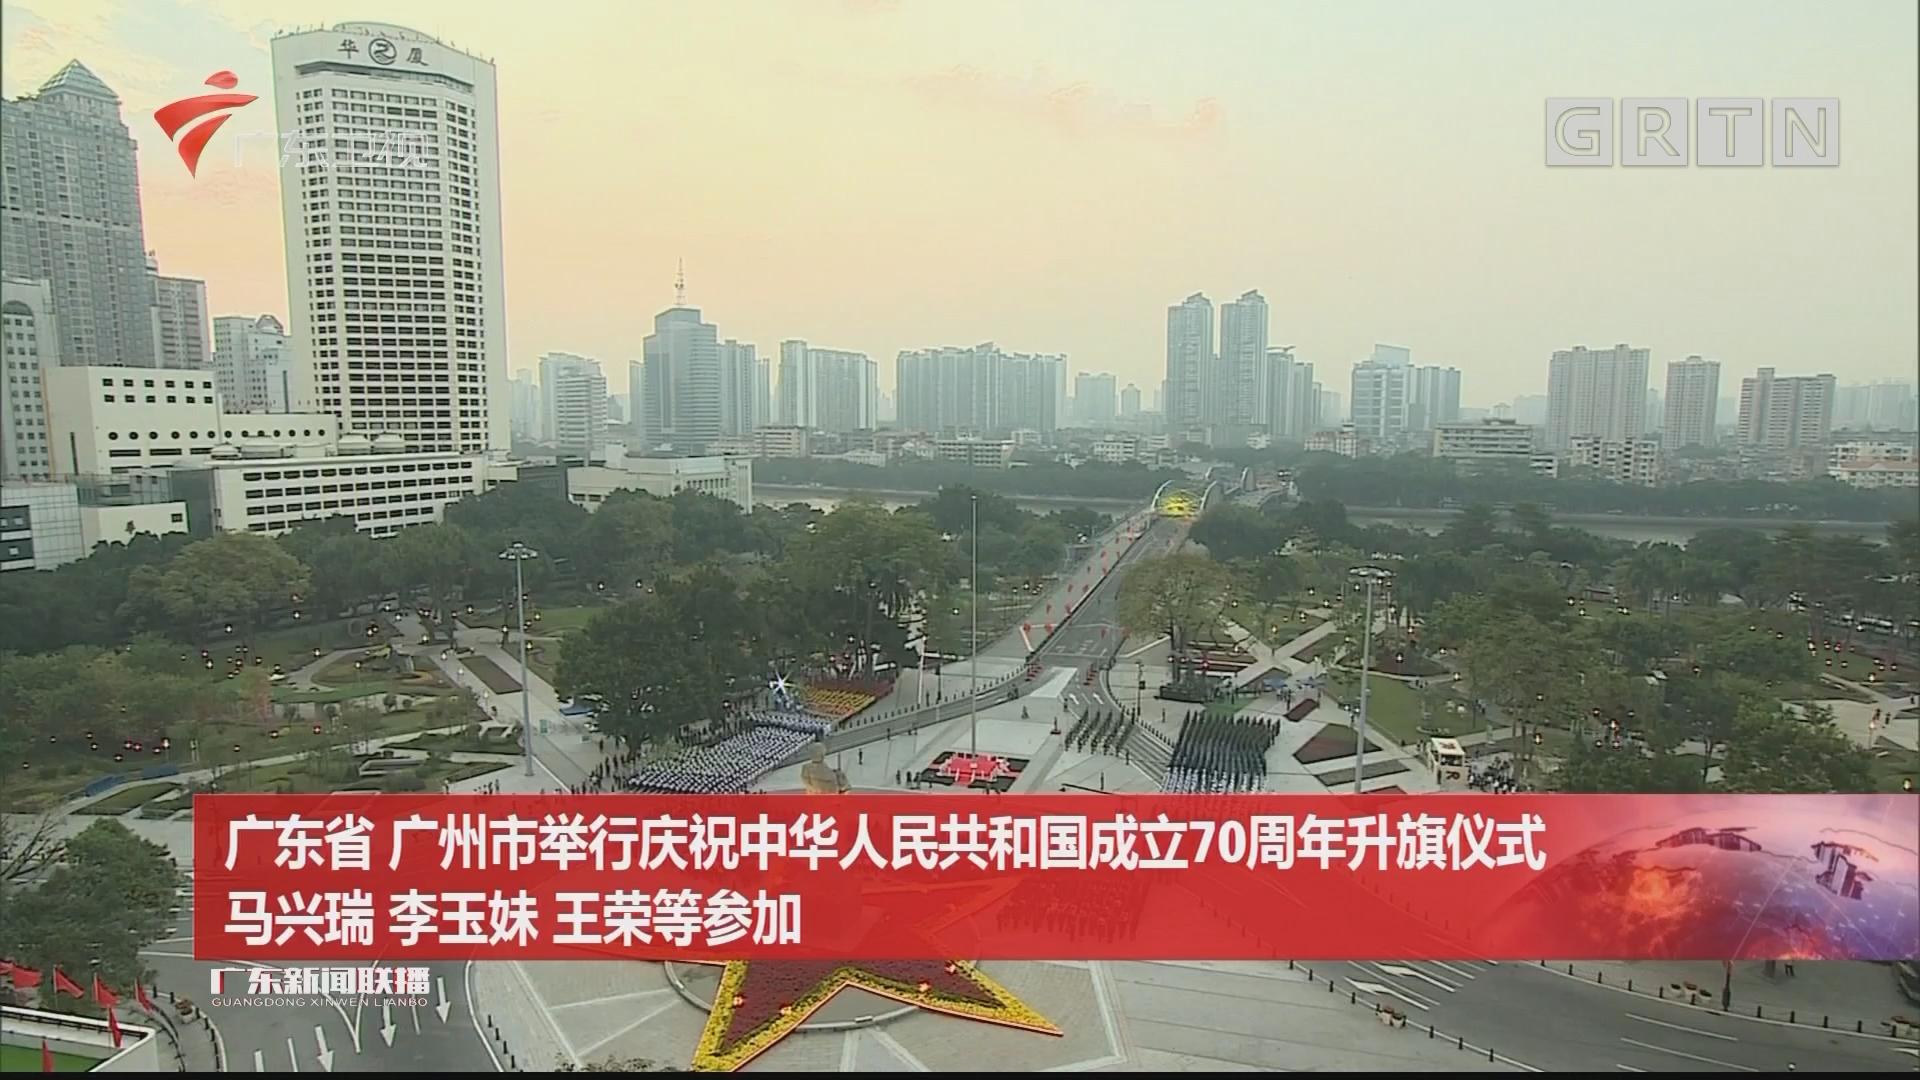 广东省 广州市举行庆祝中华人民共和国成立70周年升旗仪式 马兴瑞 李玉妹 王荣等参加